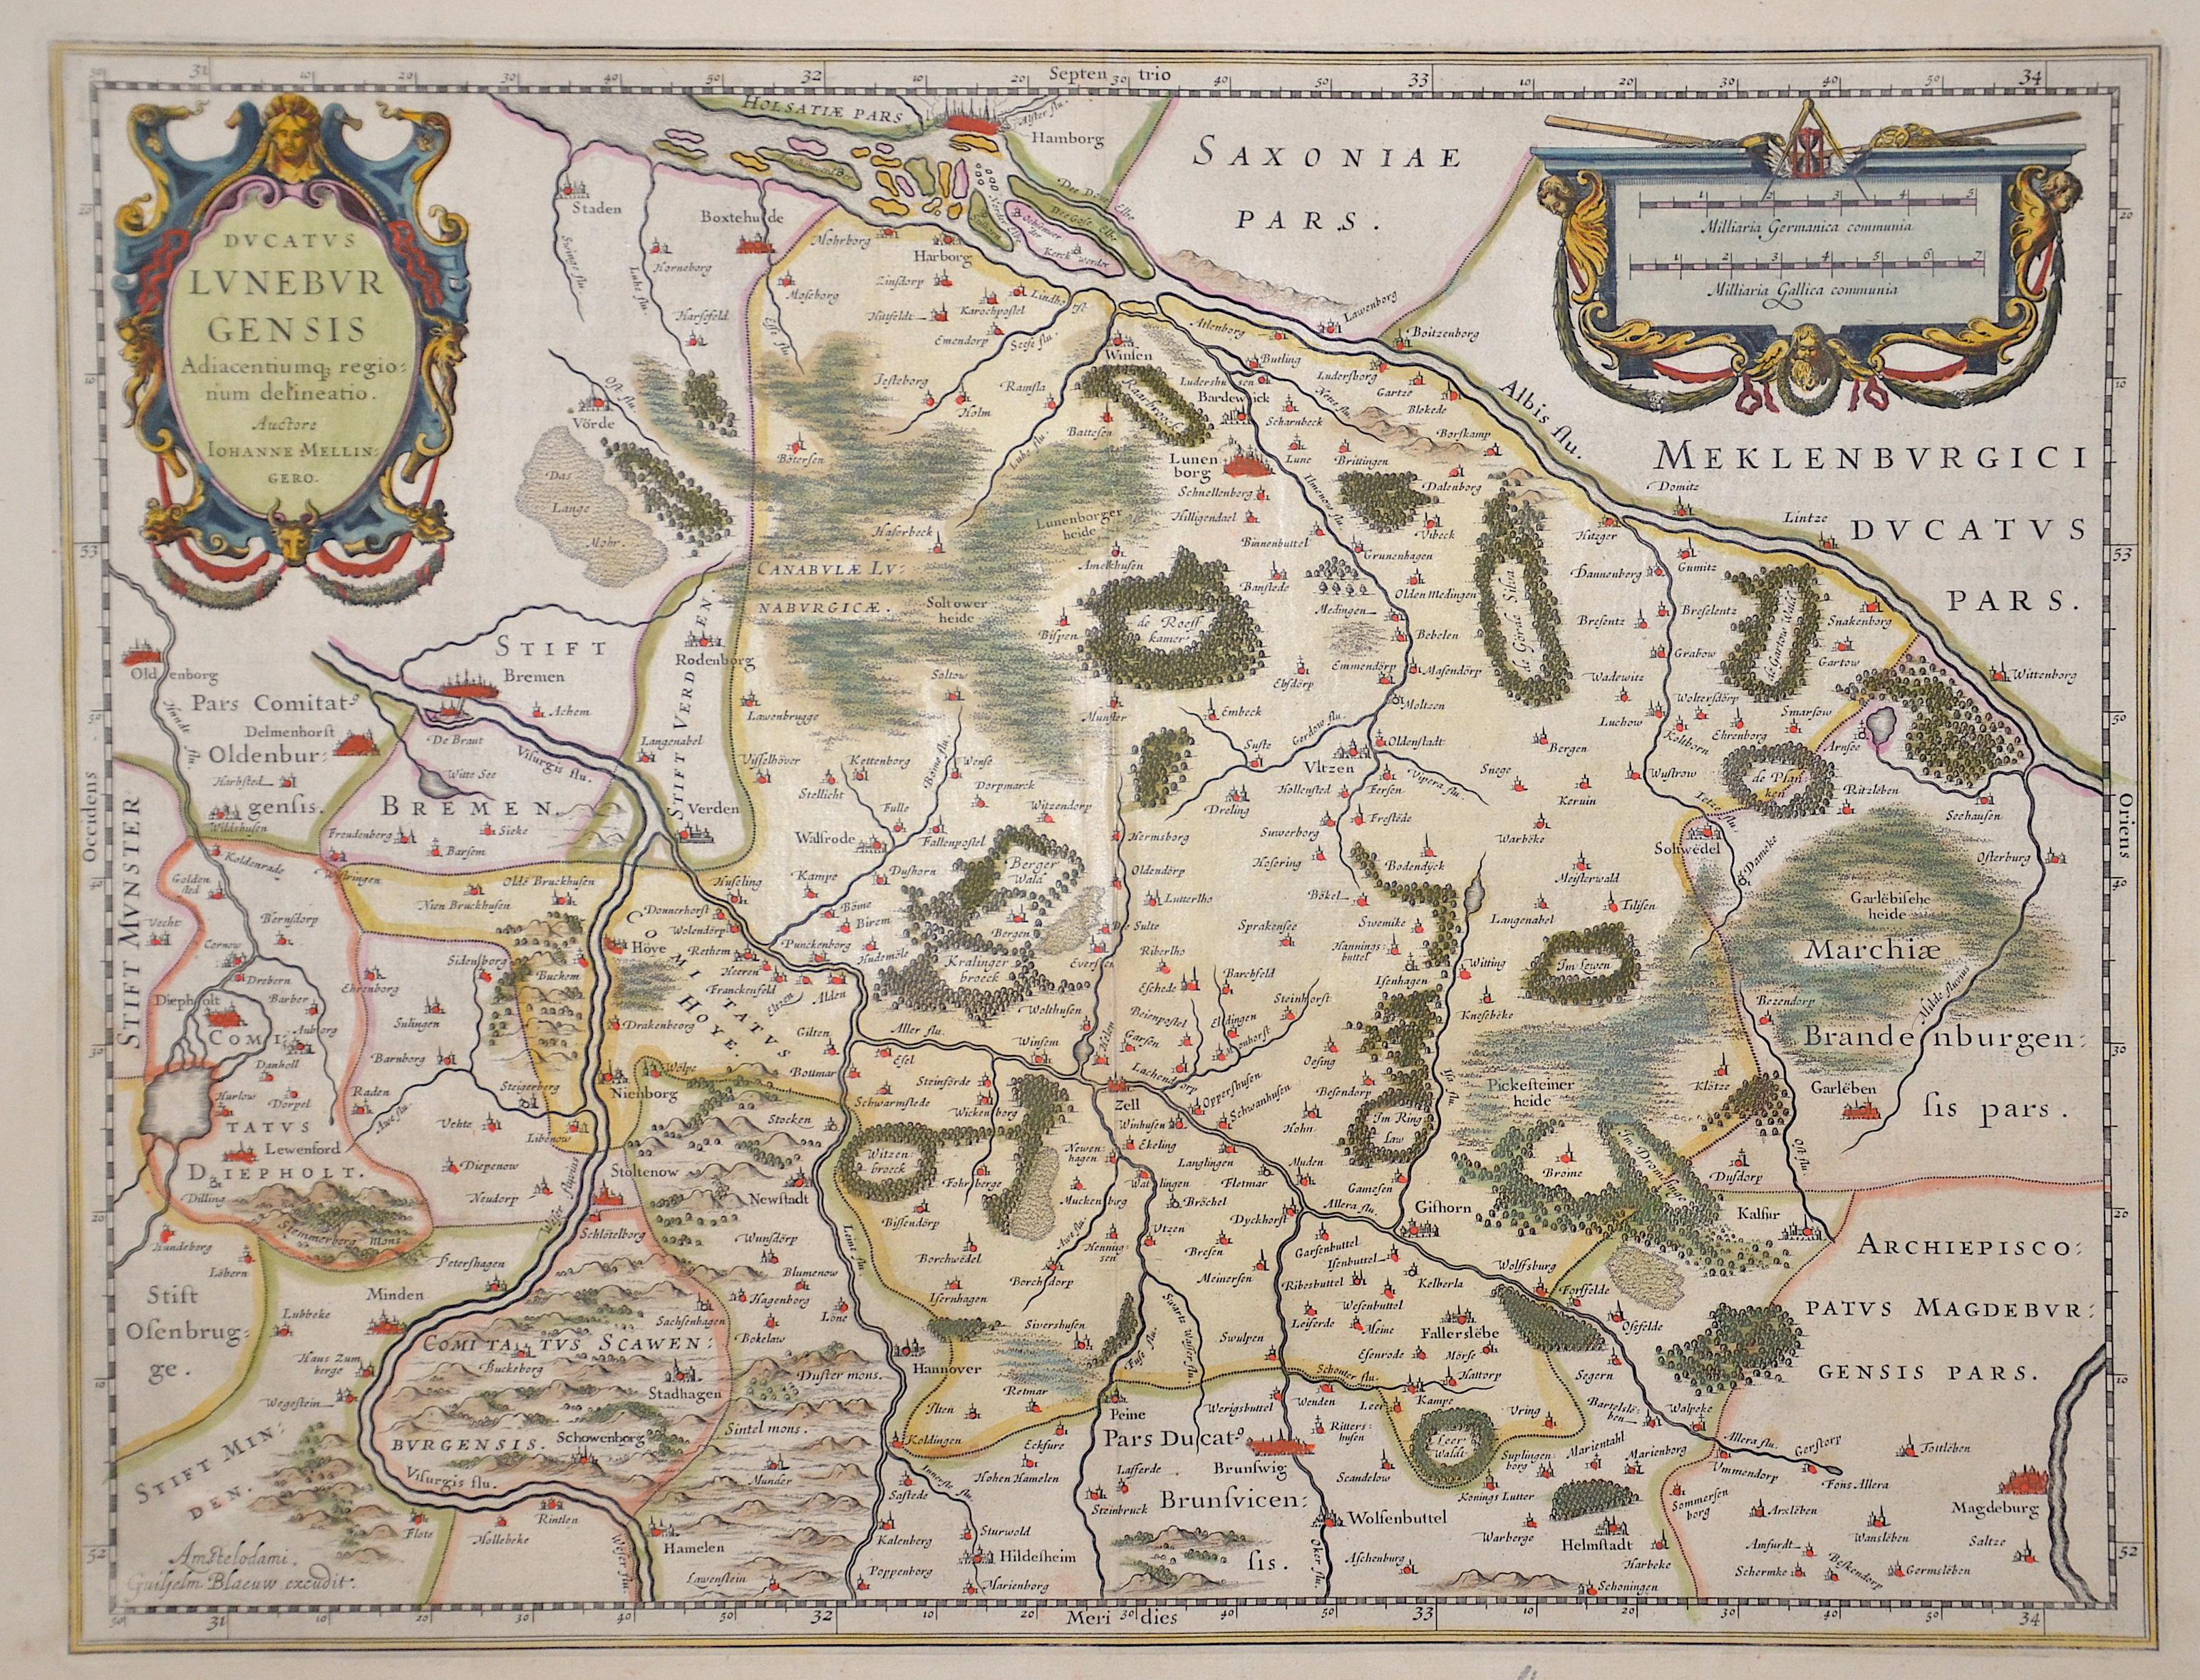 Blaeu Willem Janszoon Ducatus Luneburgensis Adiacentiumq regionum delineatio.